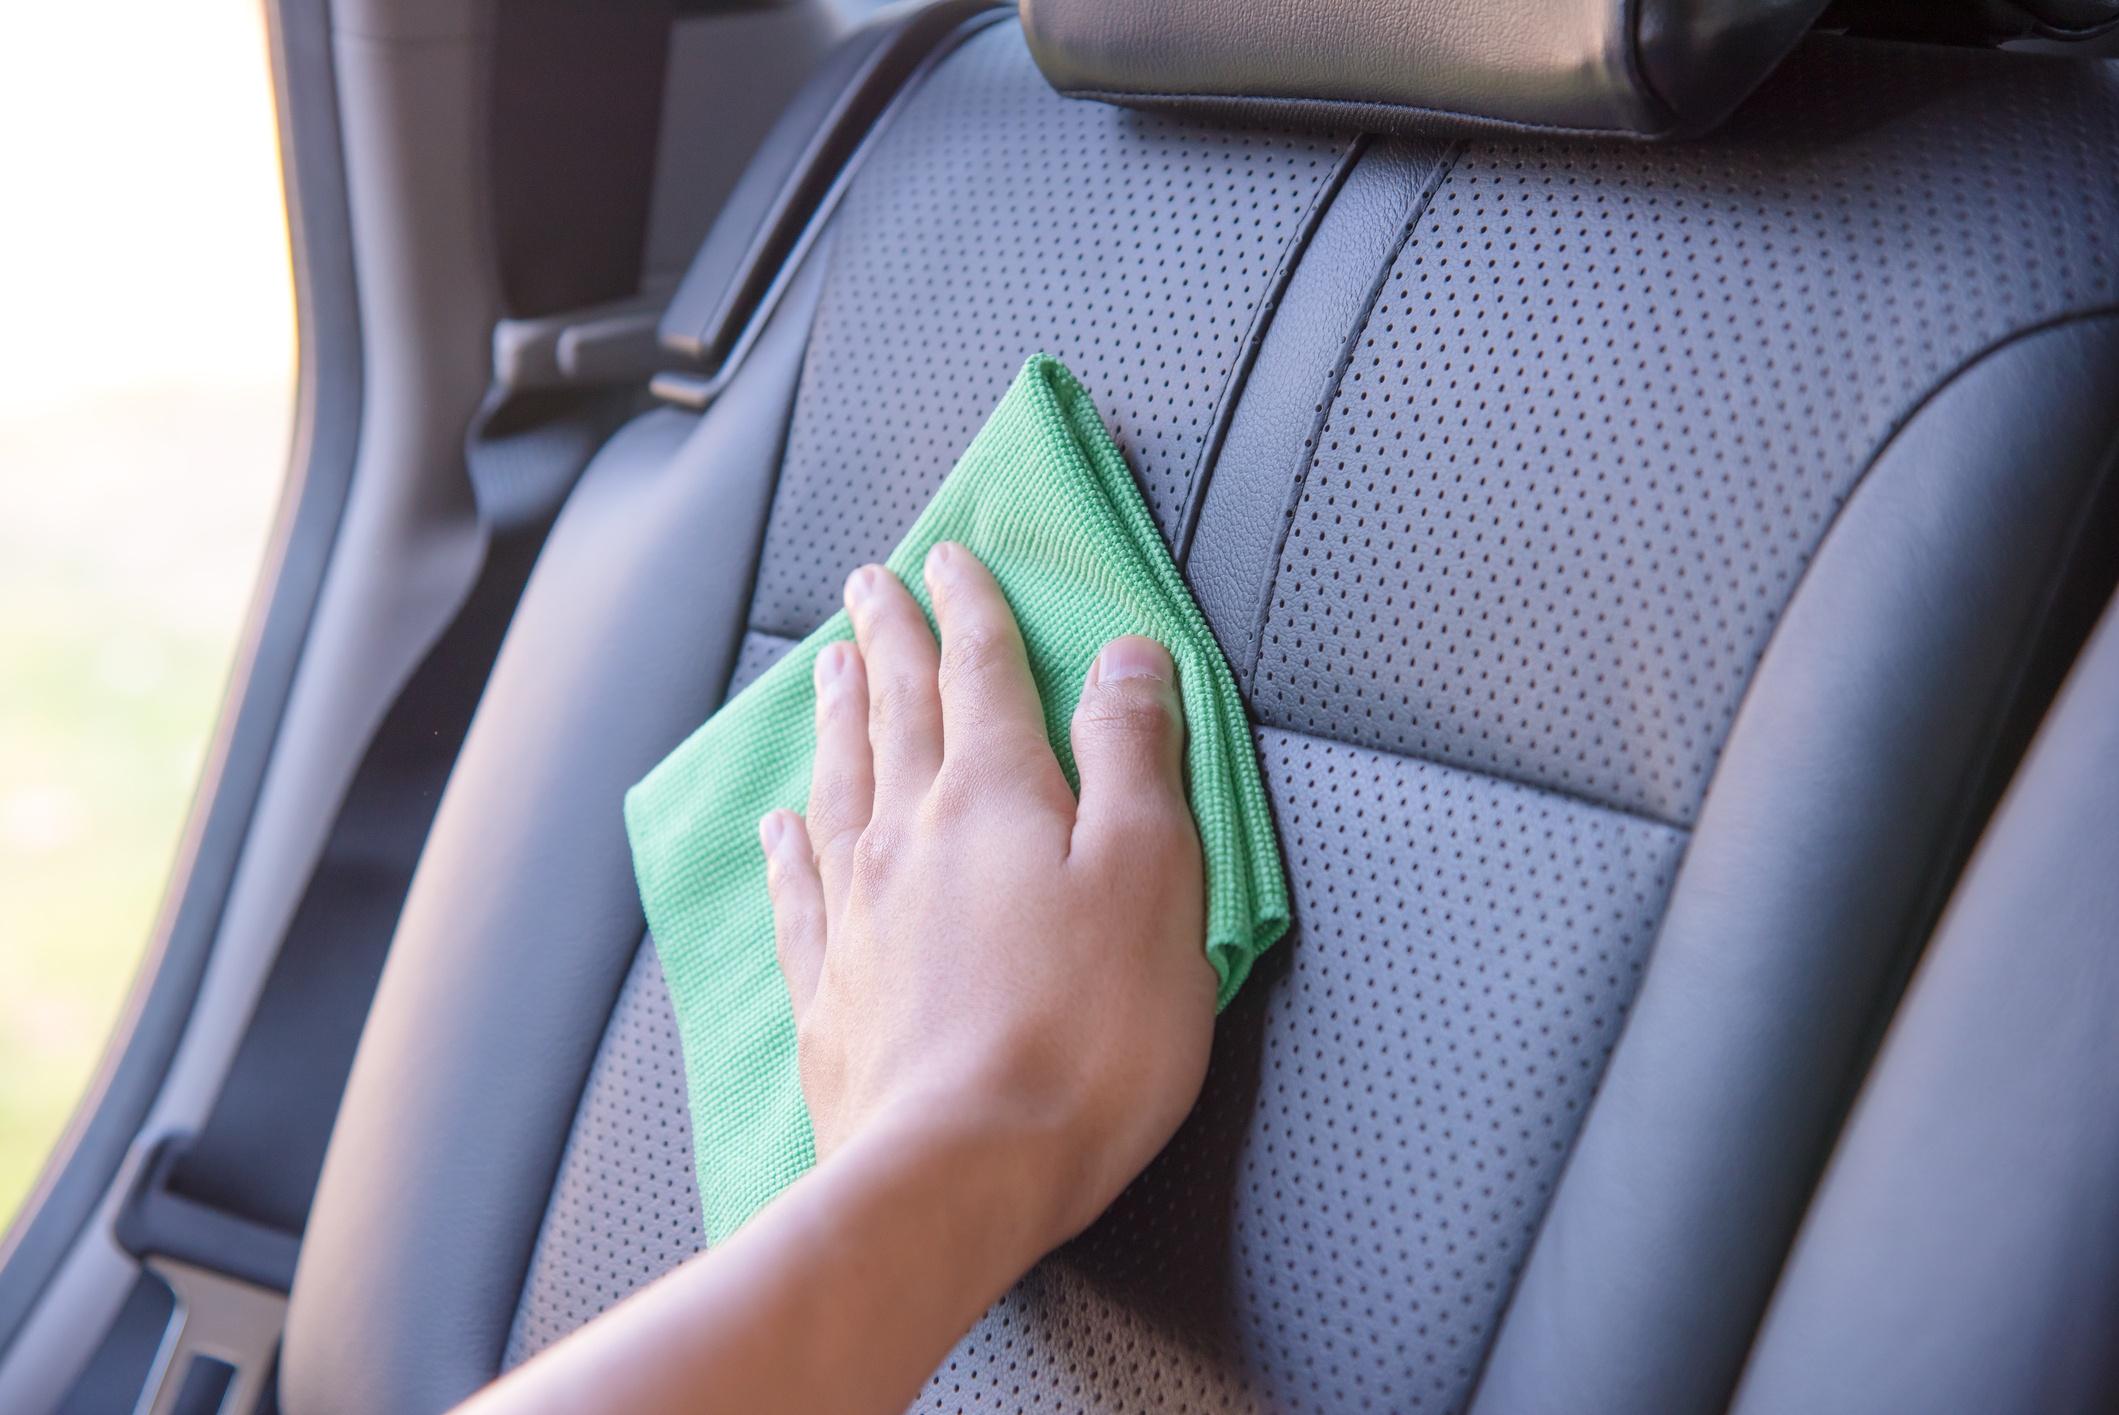 Auton siivoaminen - Vinkkejä auton sisätilojen puhdistukseen